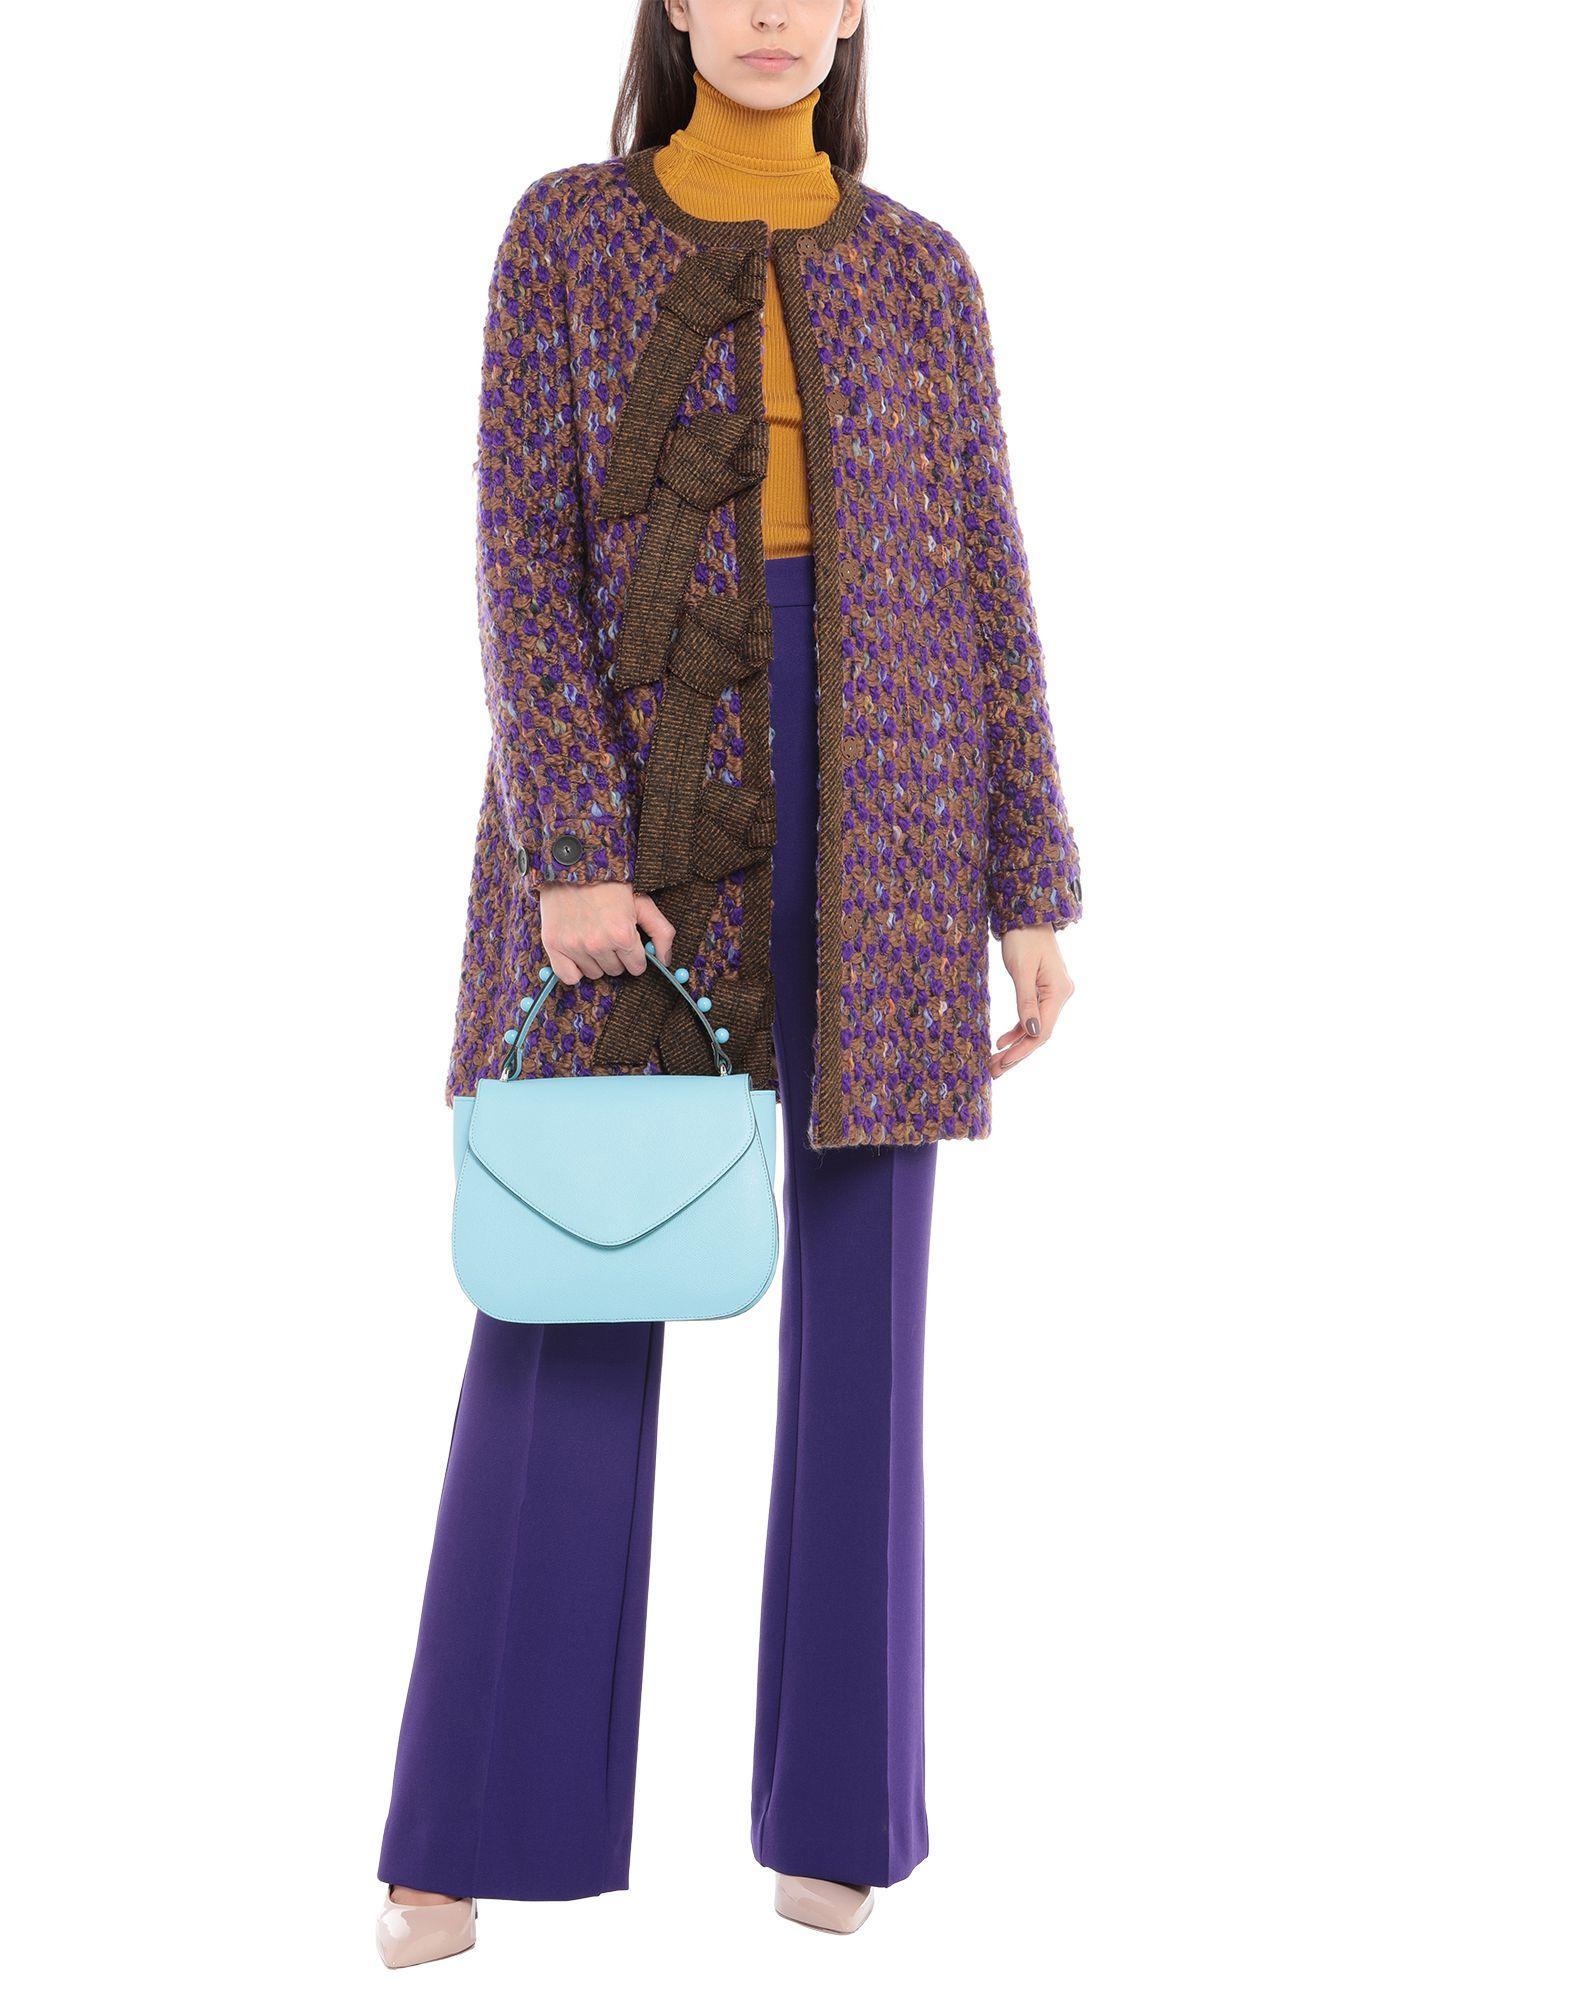 Ab Asia Bellucci Leder Handtaschen in Blau KPtHO